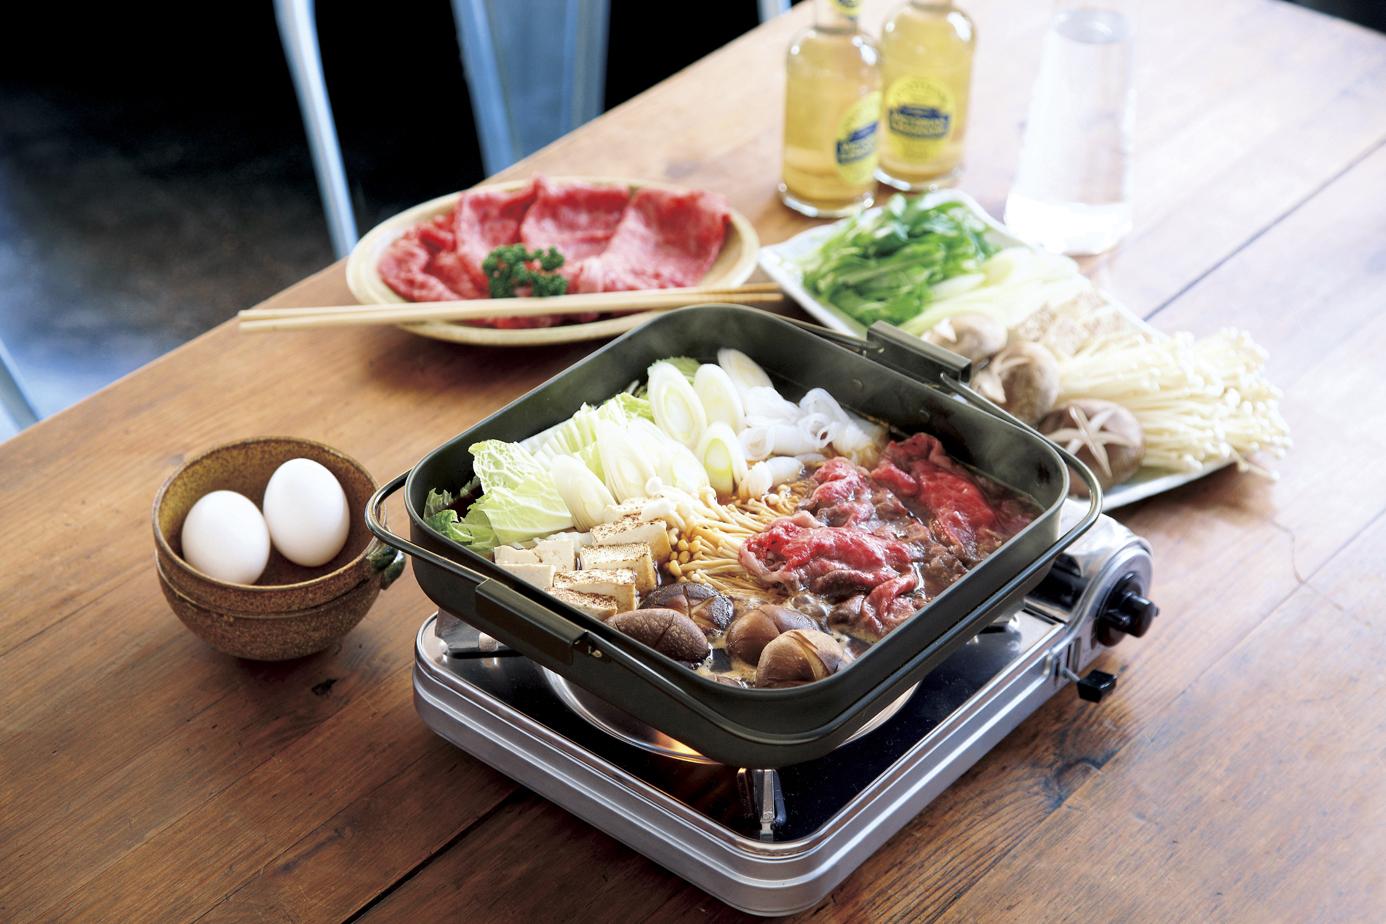 【和平フレイズ】鉄角型焼肉&すきやき鍋 約26×26×高さ5.8cm・満水容量3.4L・重量約1.4kg